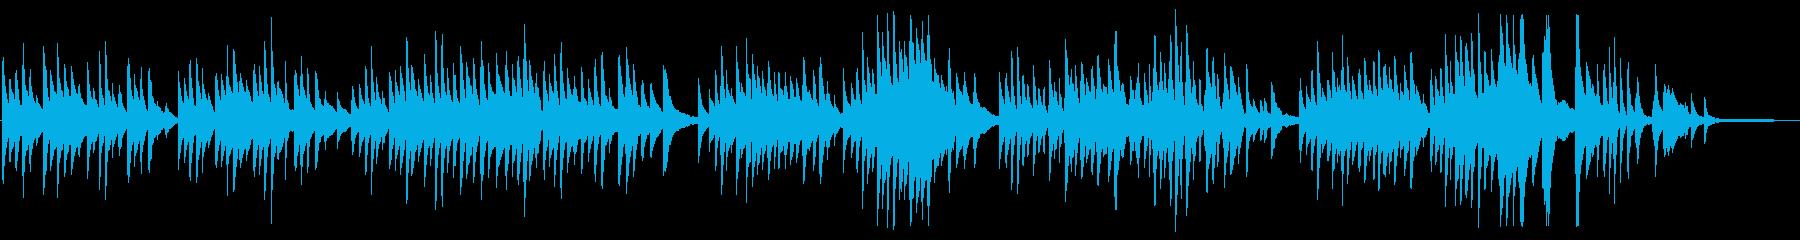 送辞に合うピアノが訴えかけるBGMの再生済みの波形